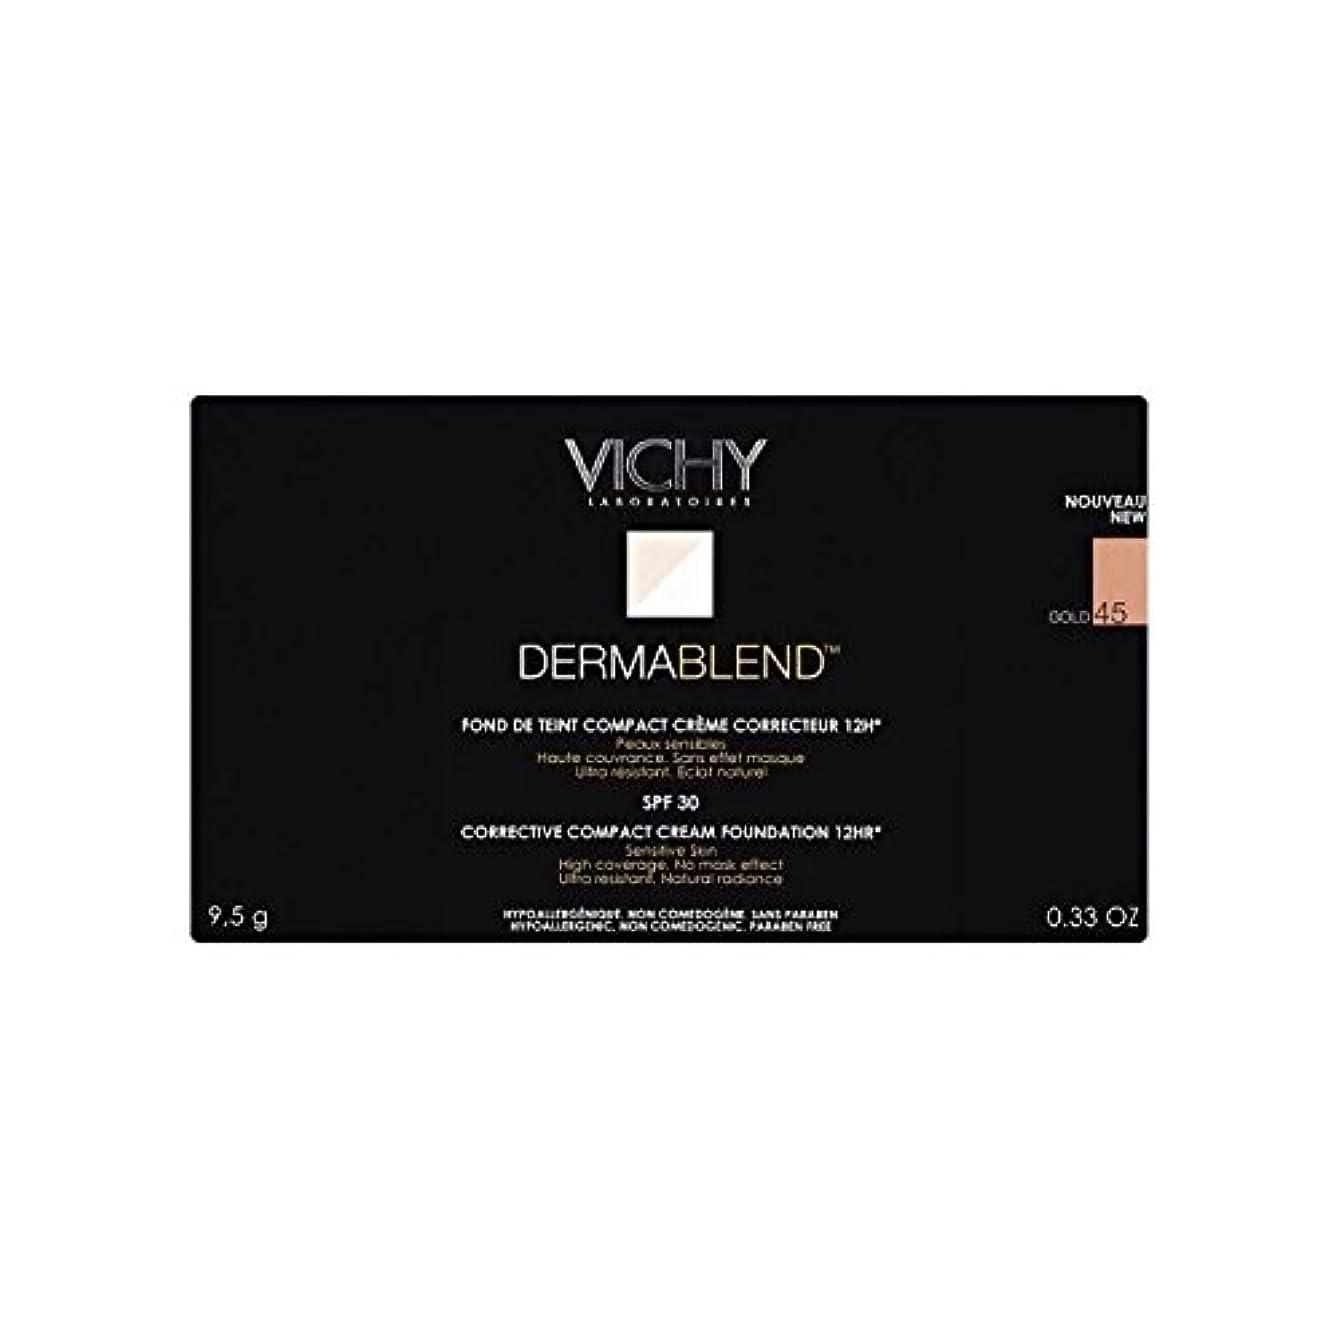 リサイクルするバナー従順Vichy Dermablend Corrective Compact Cream Foundation Gold 45 (Pack of 6) - ヴィシー是正コンパクトクリームファンデーション金45 x6 [並行輸入品]